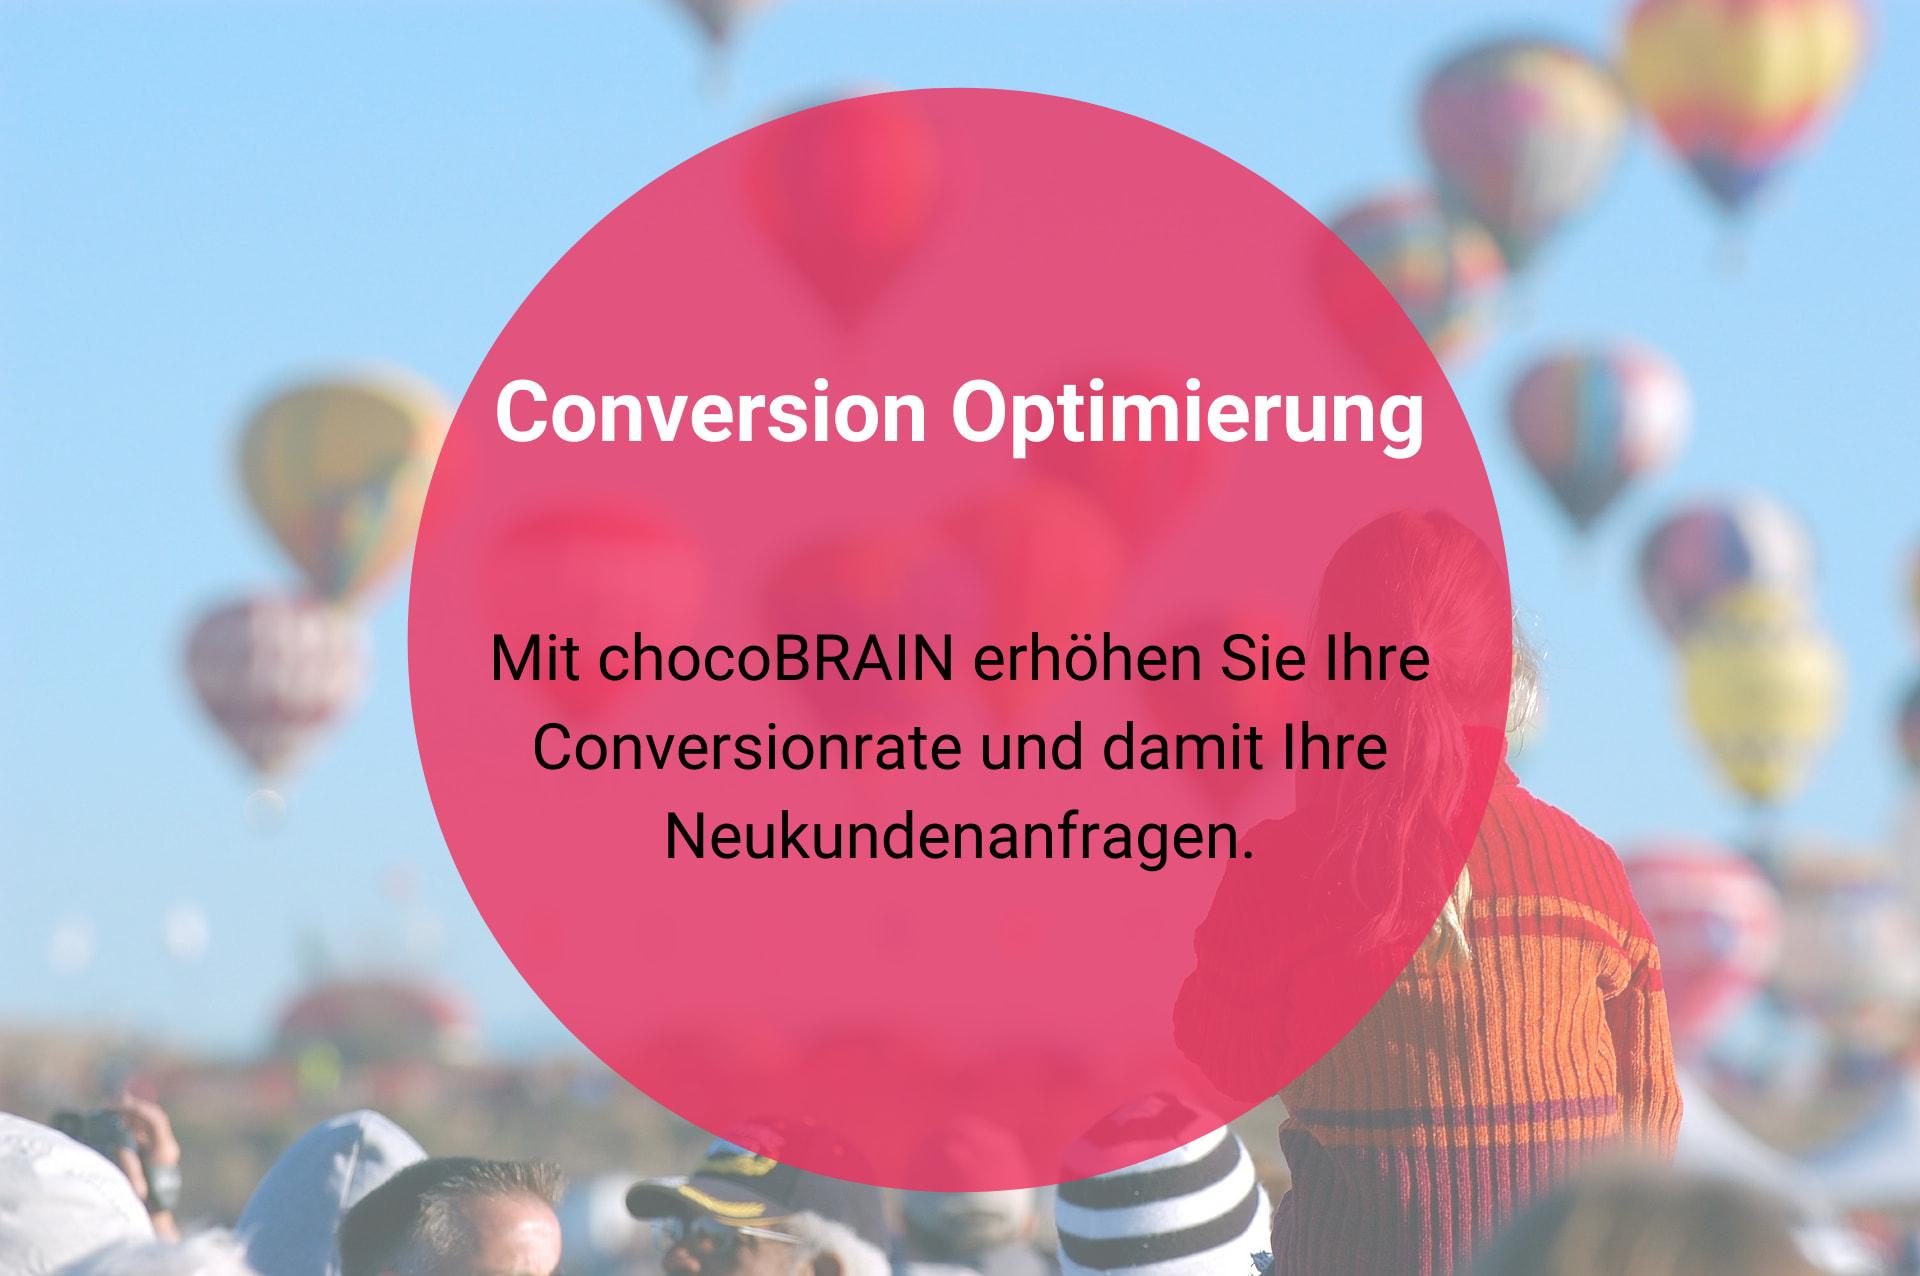 Conversion Optimierung mit chocoBRAIN-Marketing